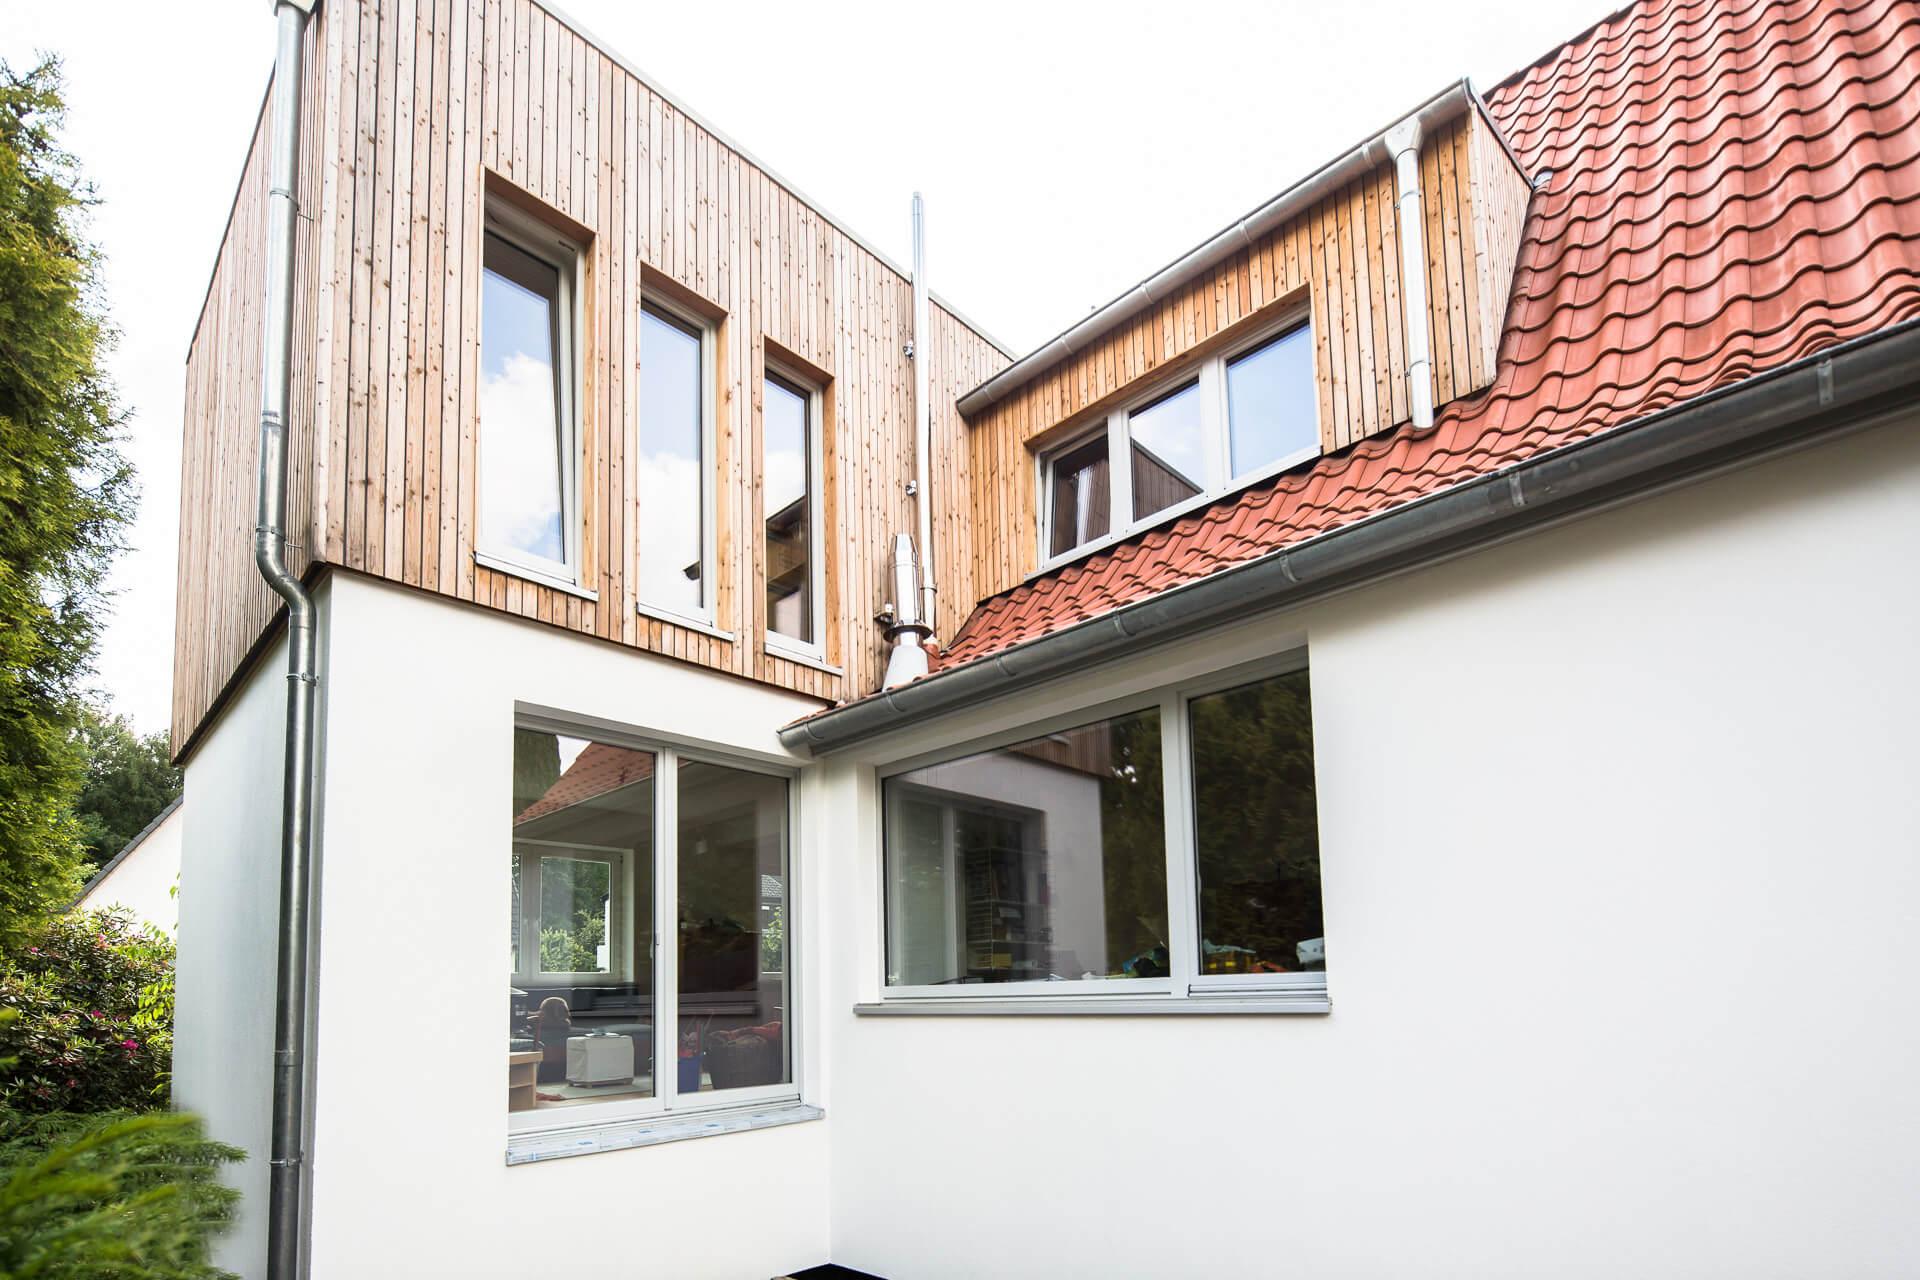 Foto Ryan Baugestaltung Anbau Volksdorf mit modernem Holzanbau und großen Fenstern